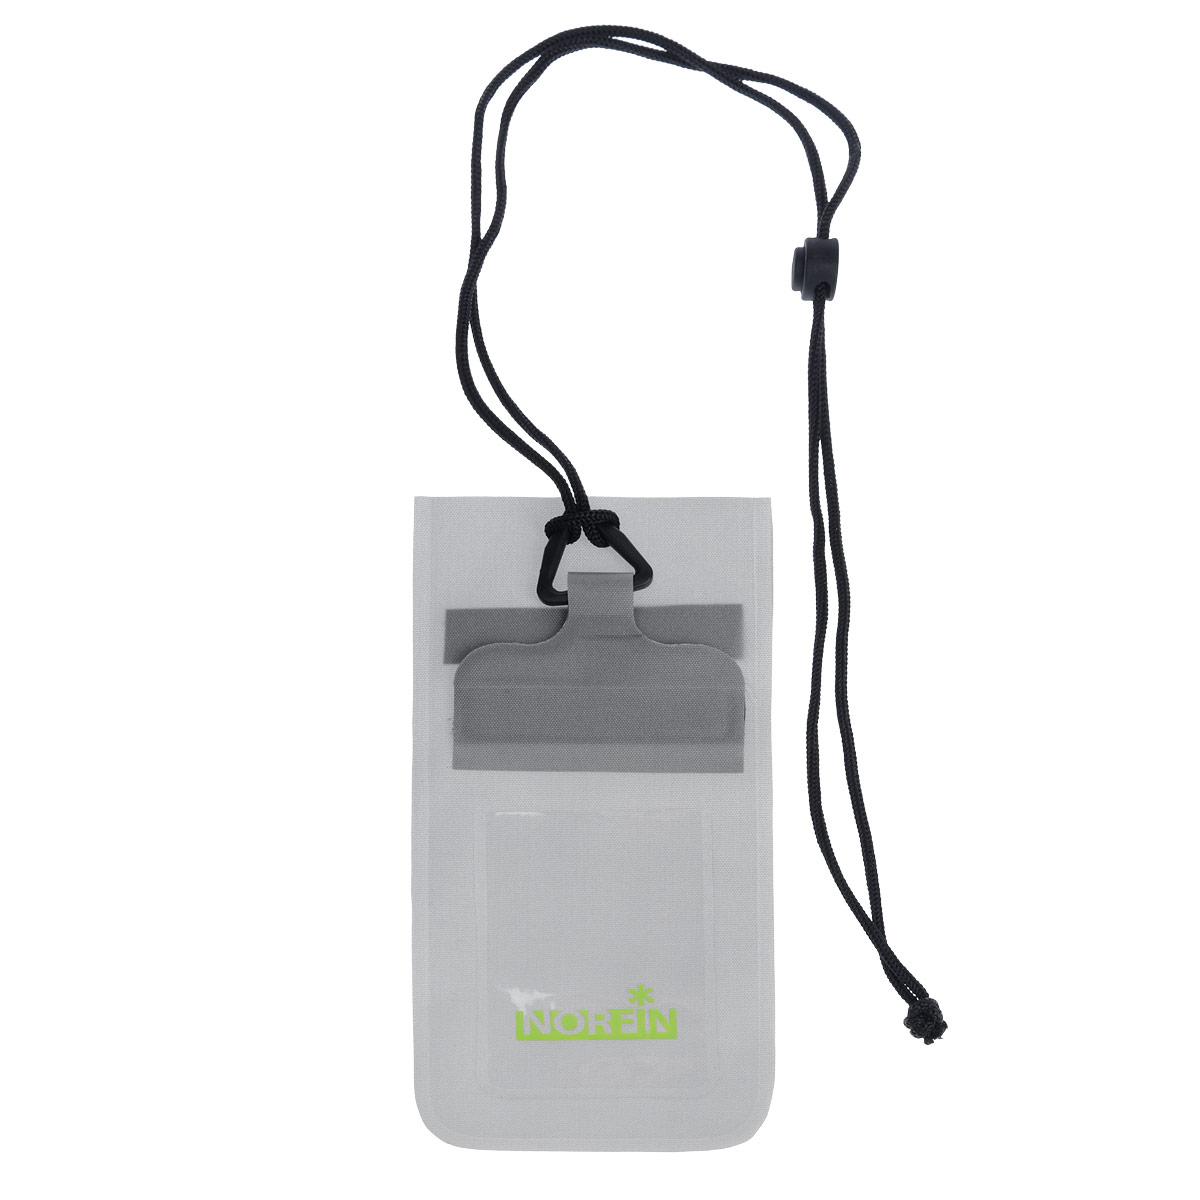 """Гермочехол нагрудный Norfin """"Dry Case 02"""" предназначен для защиты небольших предметов от воды: документы, телефон, плеер и так далее.Идеален для защиты телефонов самого маленького и большого размера, с размером диагонали до 5"""". Пленка гермочехла чувствительна к теплу рук, можно пользоваться телефоном с сенсорным экраном не вынимая его из чехла."""